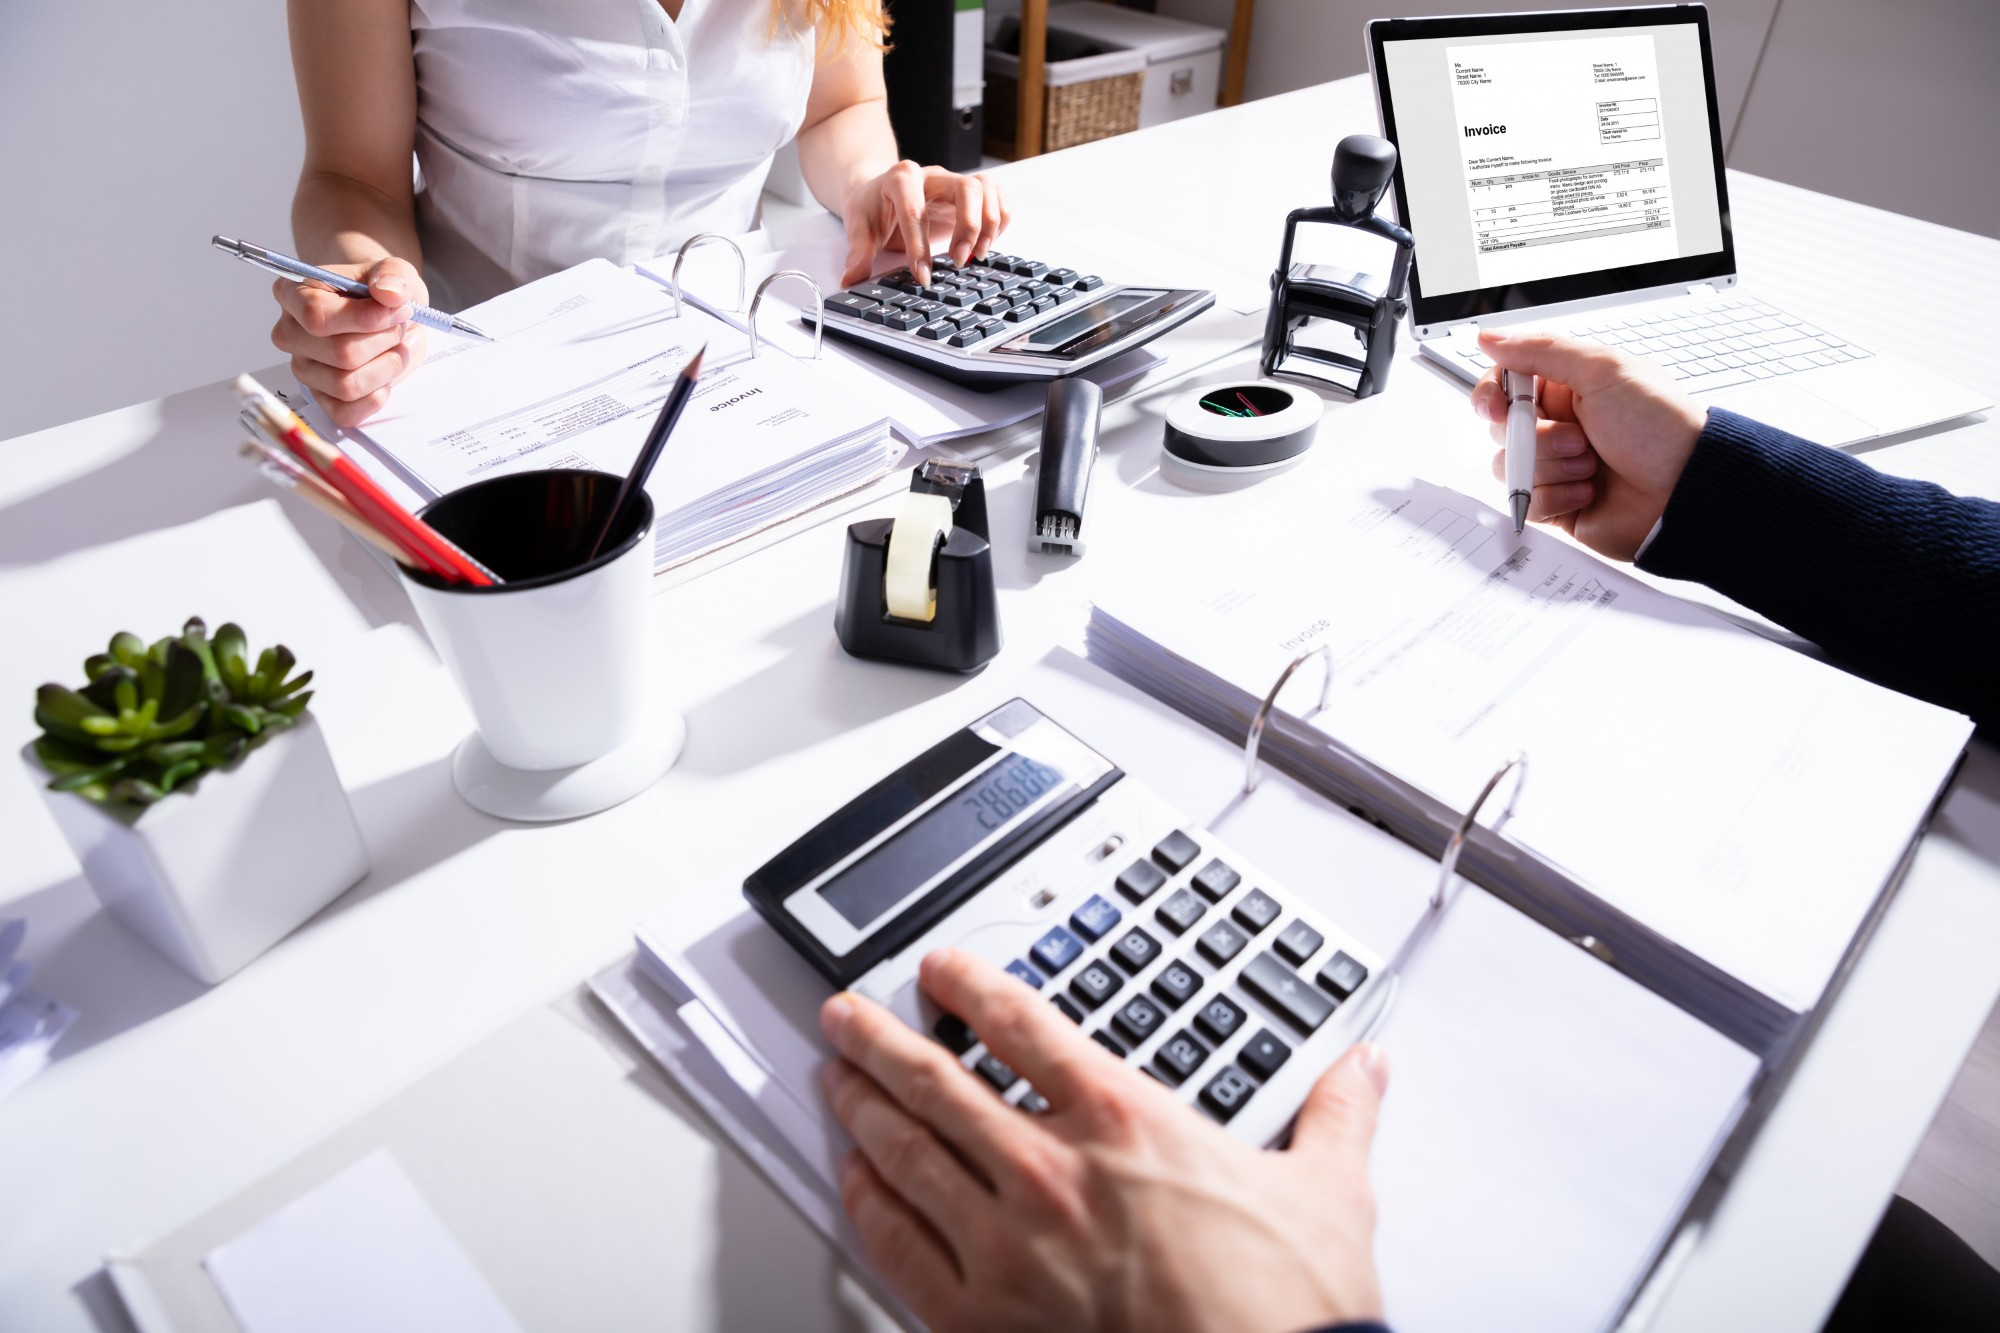 Atraso De Impostos: Como Evitar E Quais As Vantagens De Usar Um Sistema De Gestão!